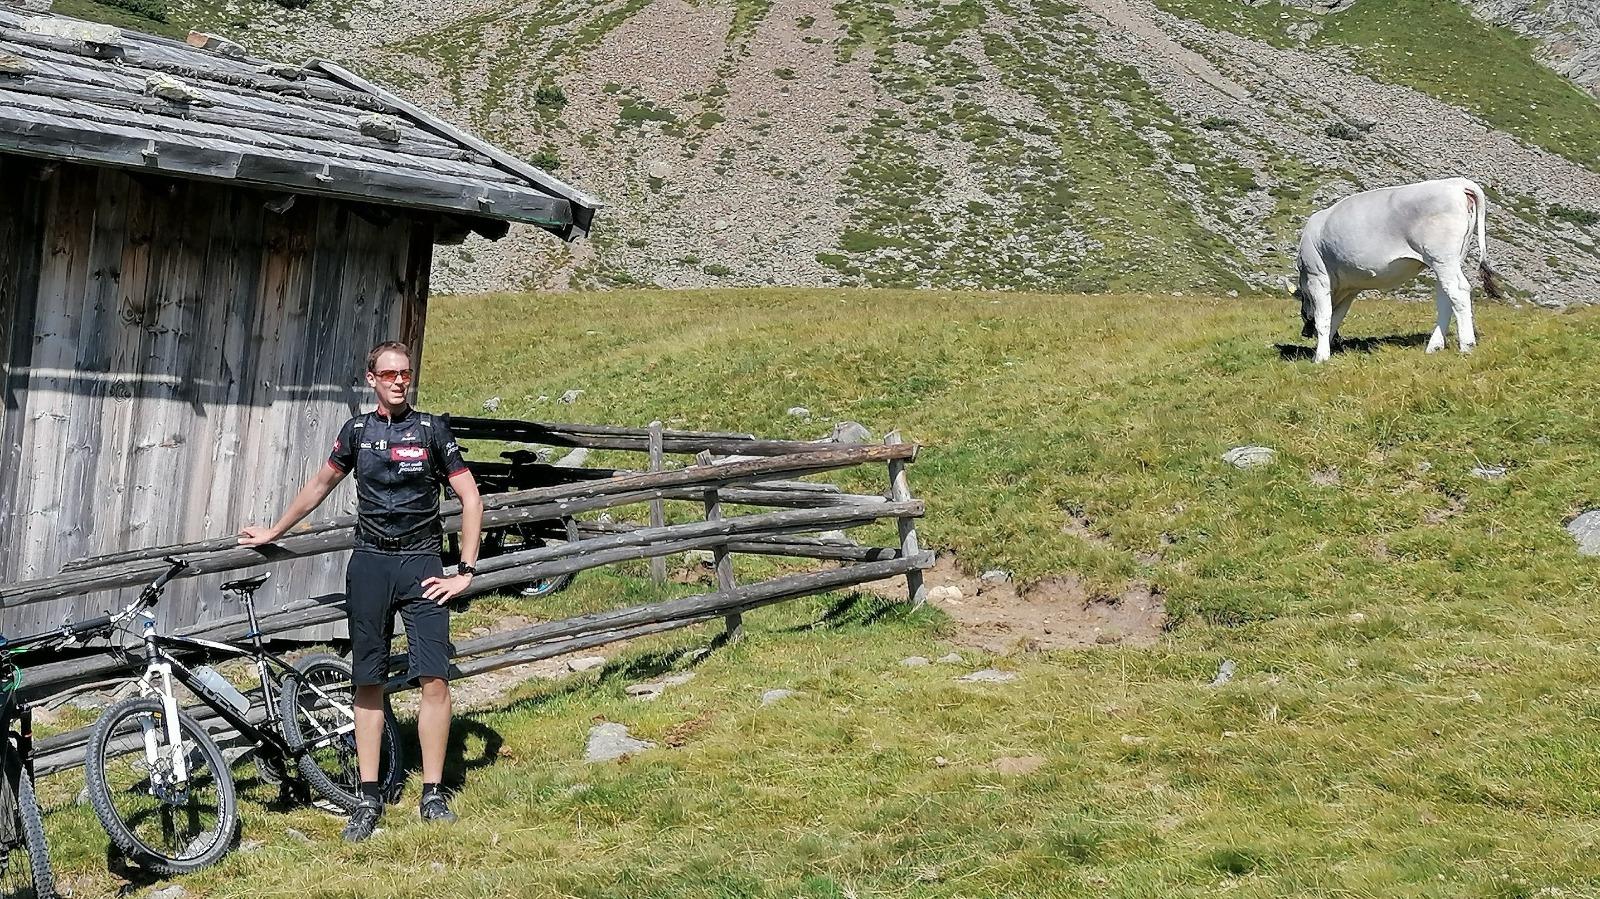 Thomas Apolloner, Mountainbike, Alm